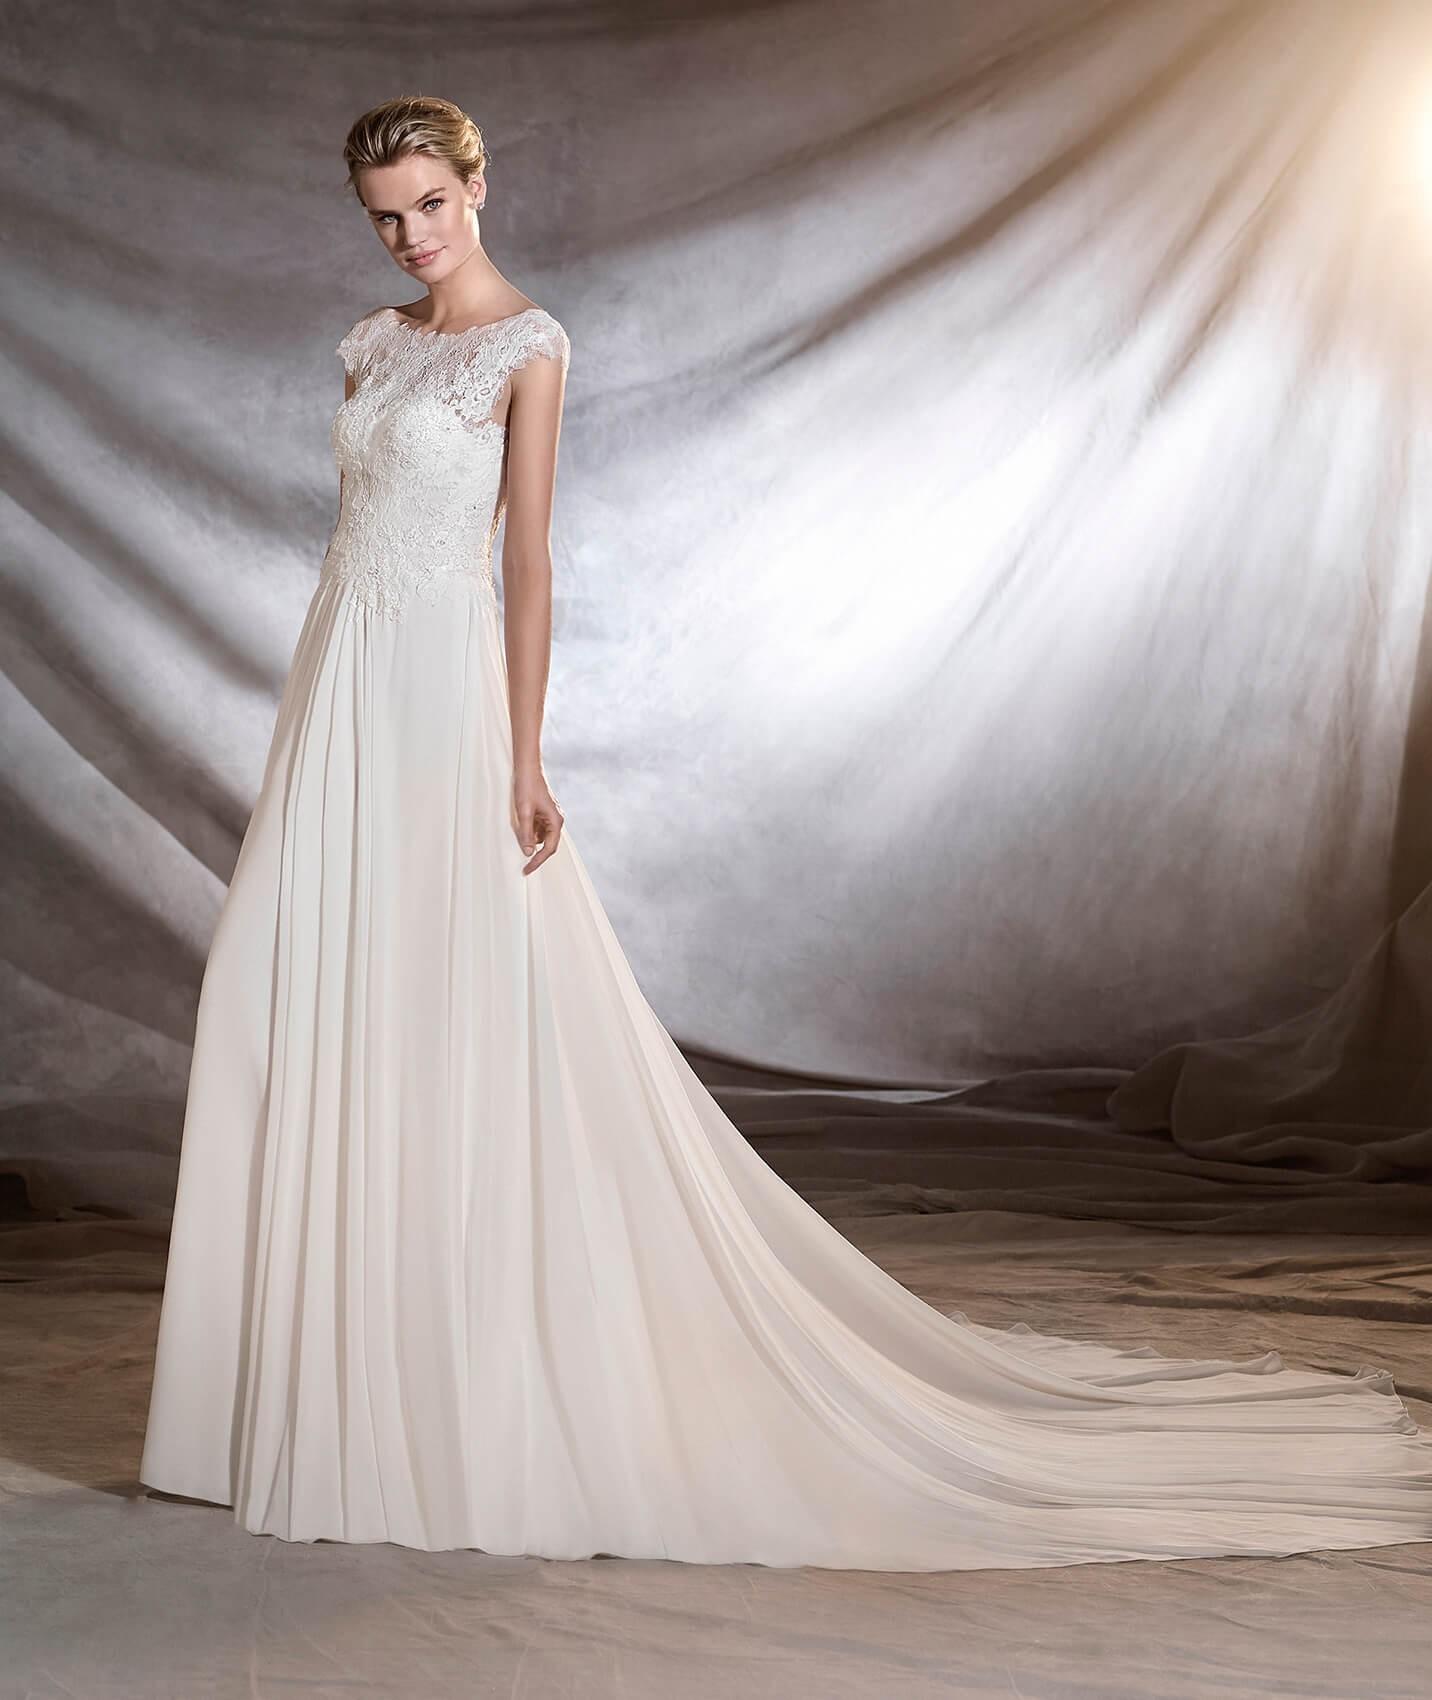 Orsini  cвадебные платья